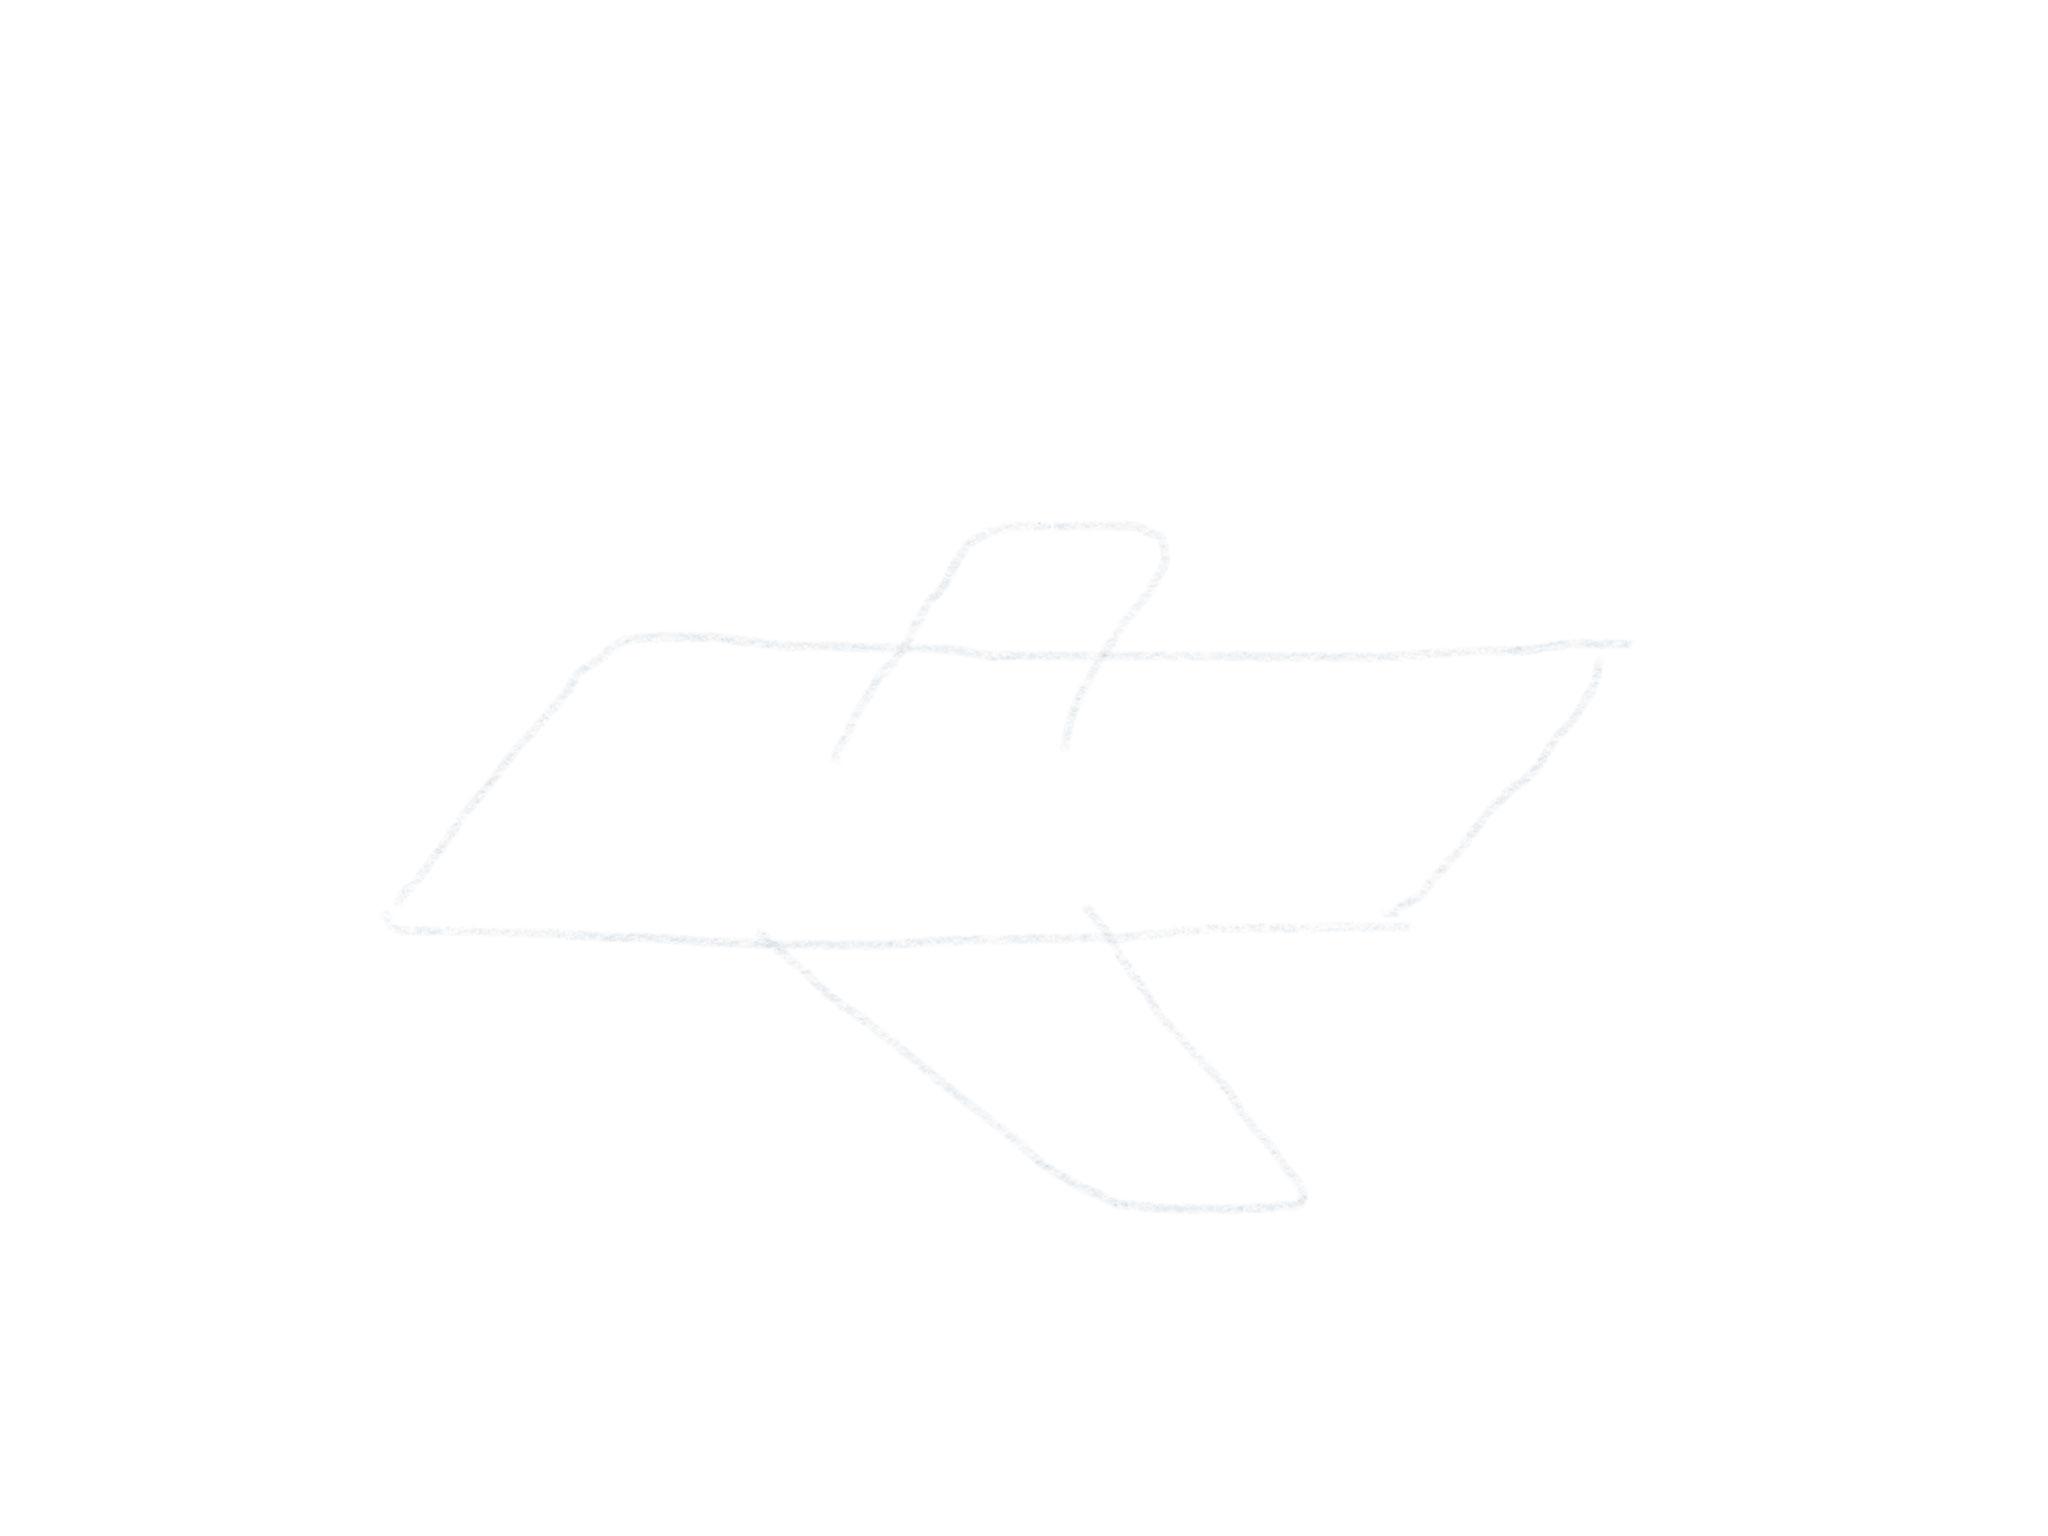 Flugzeug Zeichnen Seitenfluegel2